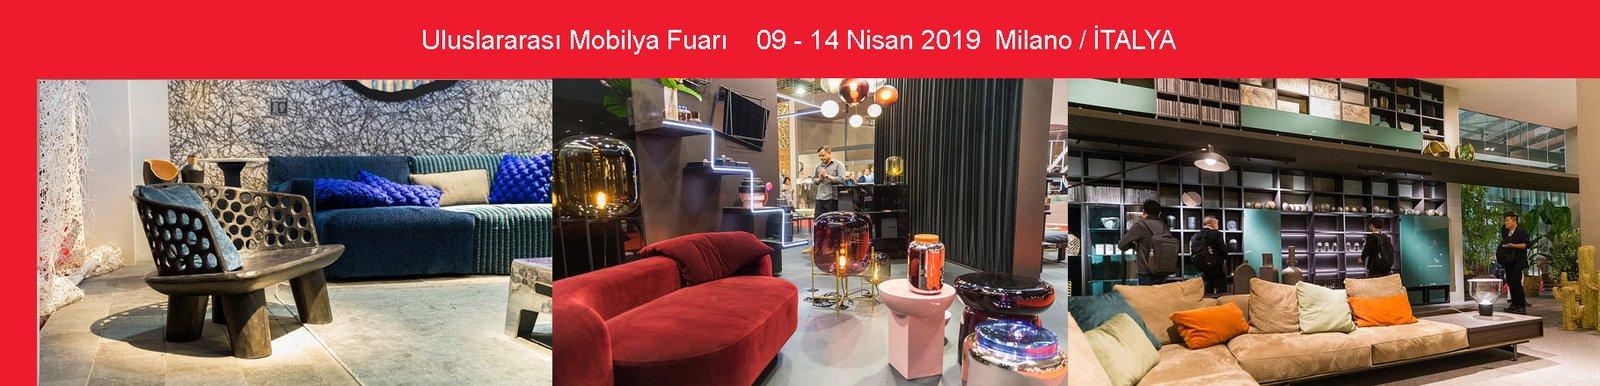 İTALYA / Milano MOBİLYA FUARI 09-14 NİSAN 2019